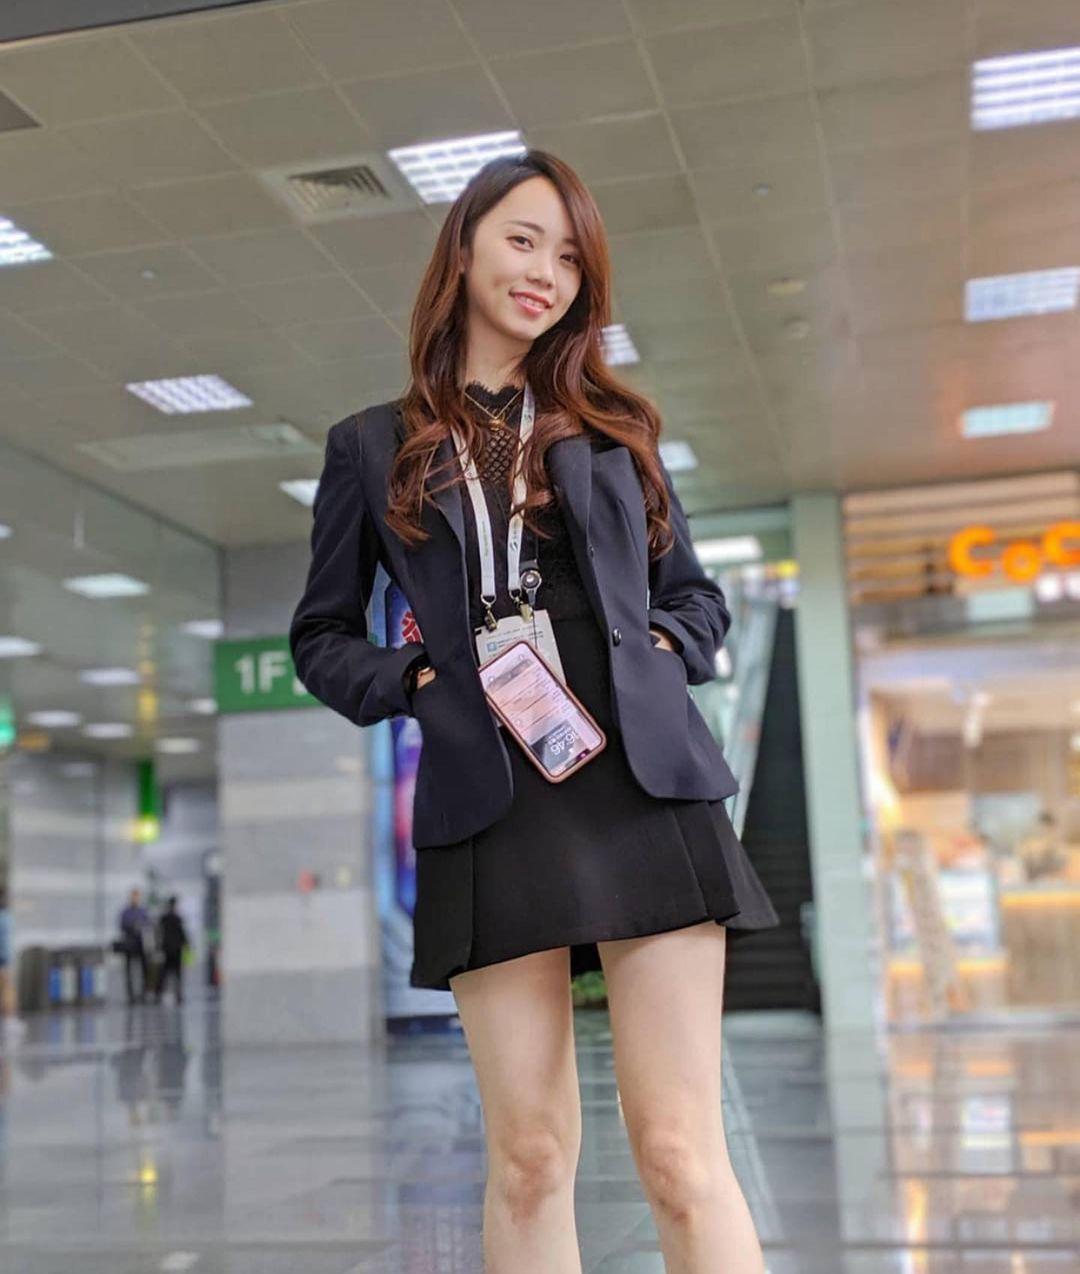 「超火辣OL秘书」黑丝袜美腿有够强大!凶猛的「隐藏版福利」让人太迷恋…-新图包